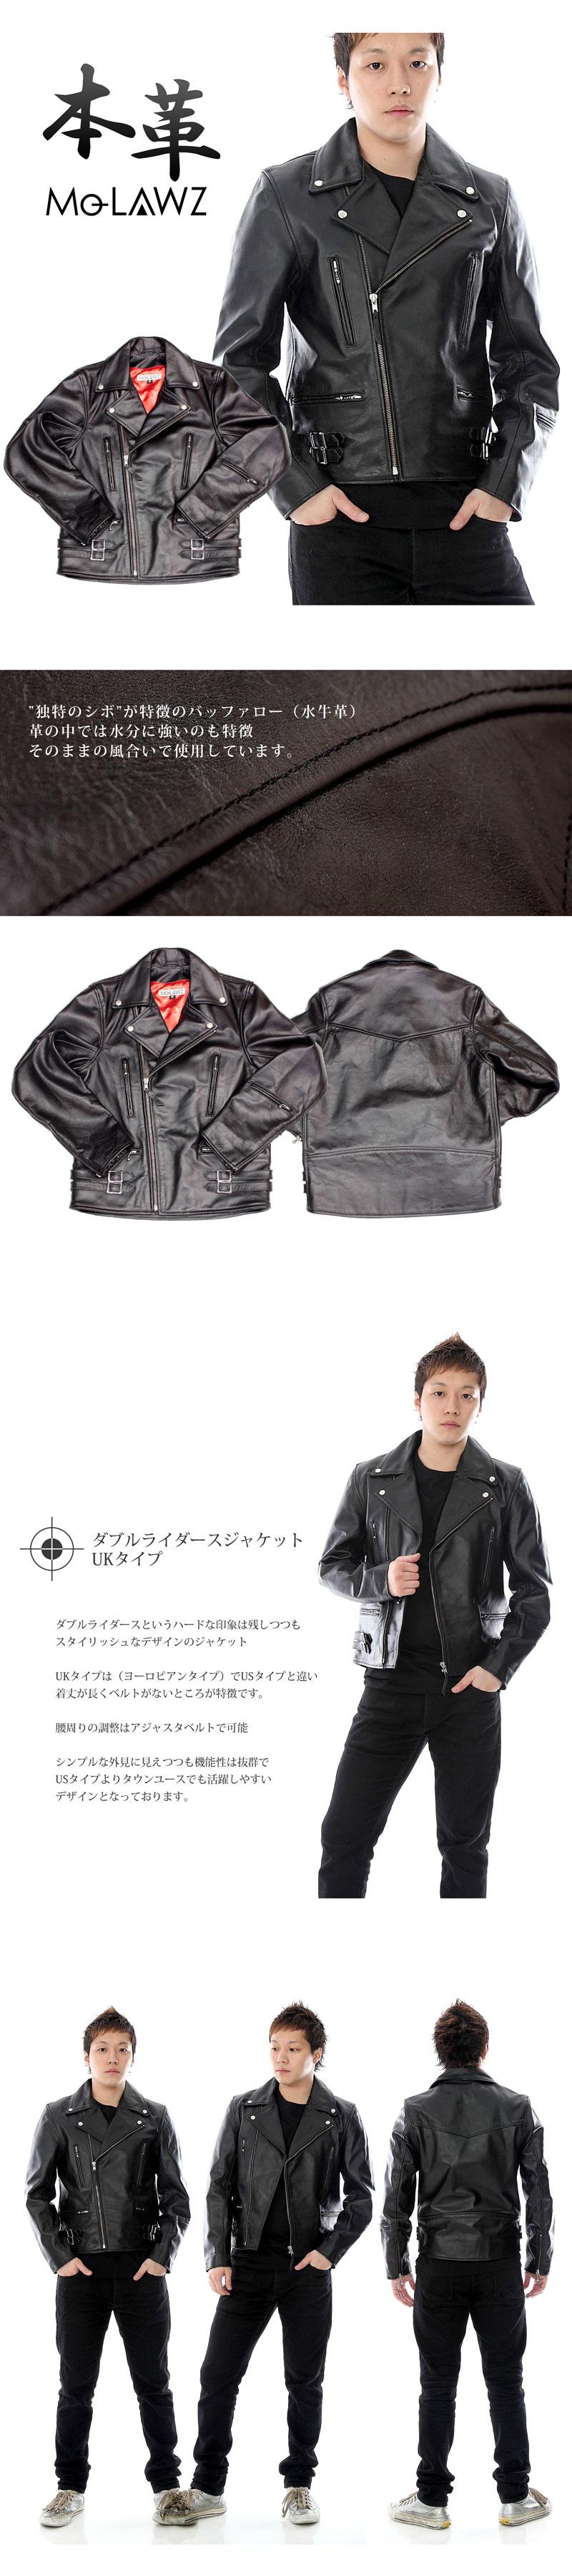 バッファロー革ジャン mlrj004